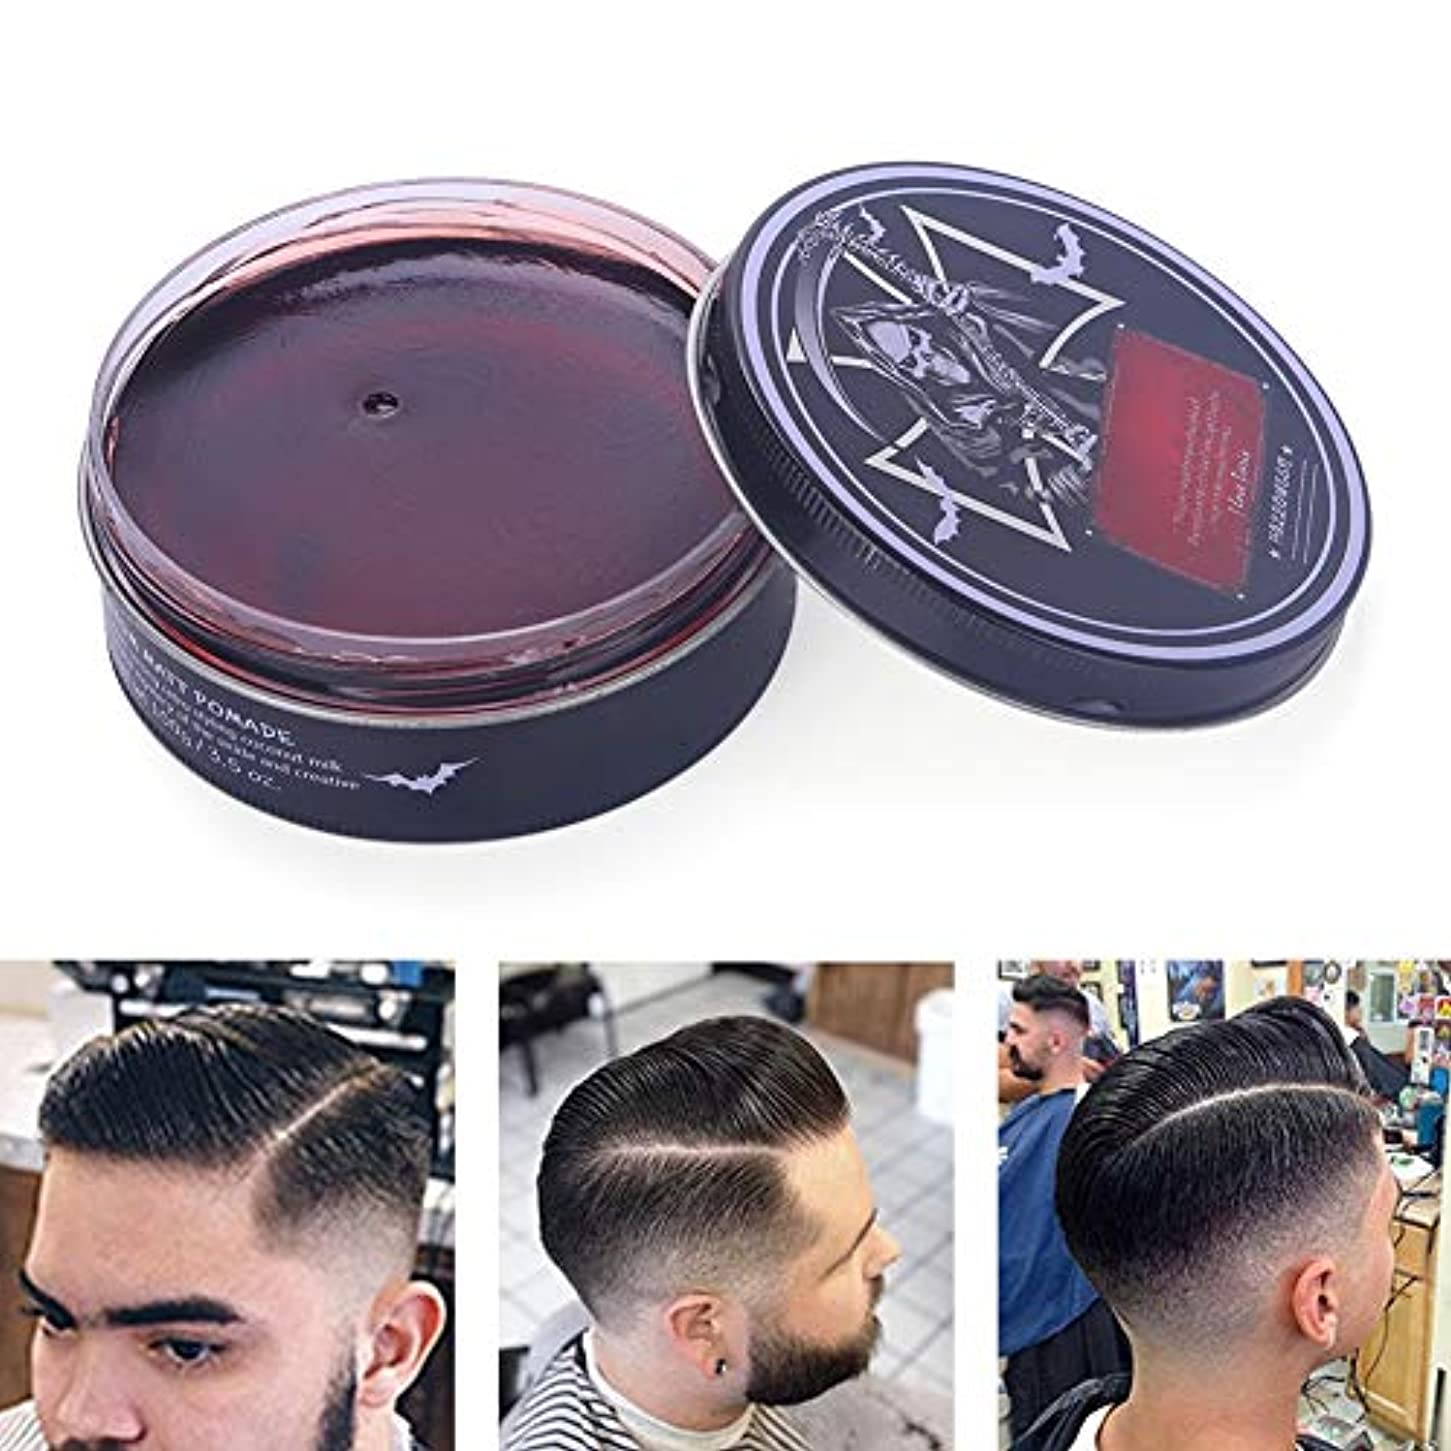 手足クーポン増幅プロのヘアスタイリング100ミリリットルを設計するための男性のためのヘアスタイリングワックス、ナチュラルおよび有機成分ヘアスタイリング粘土